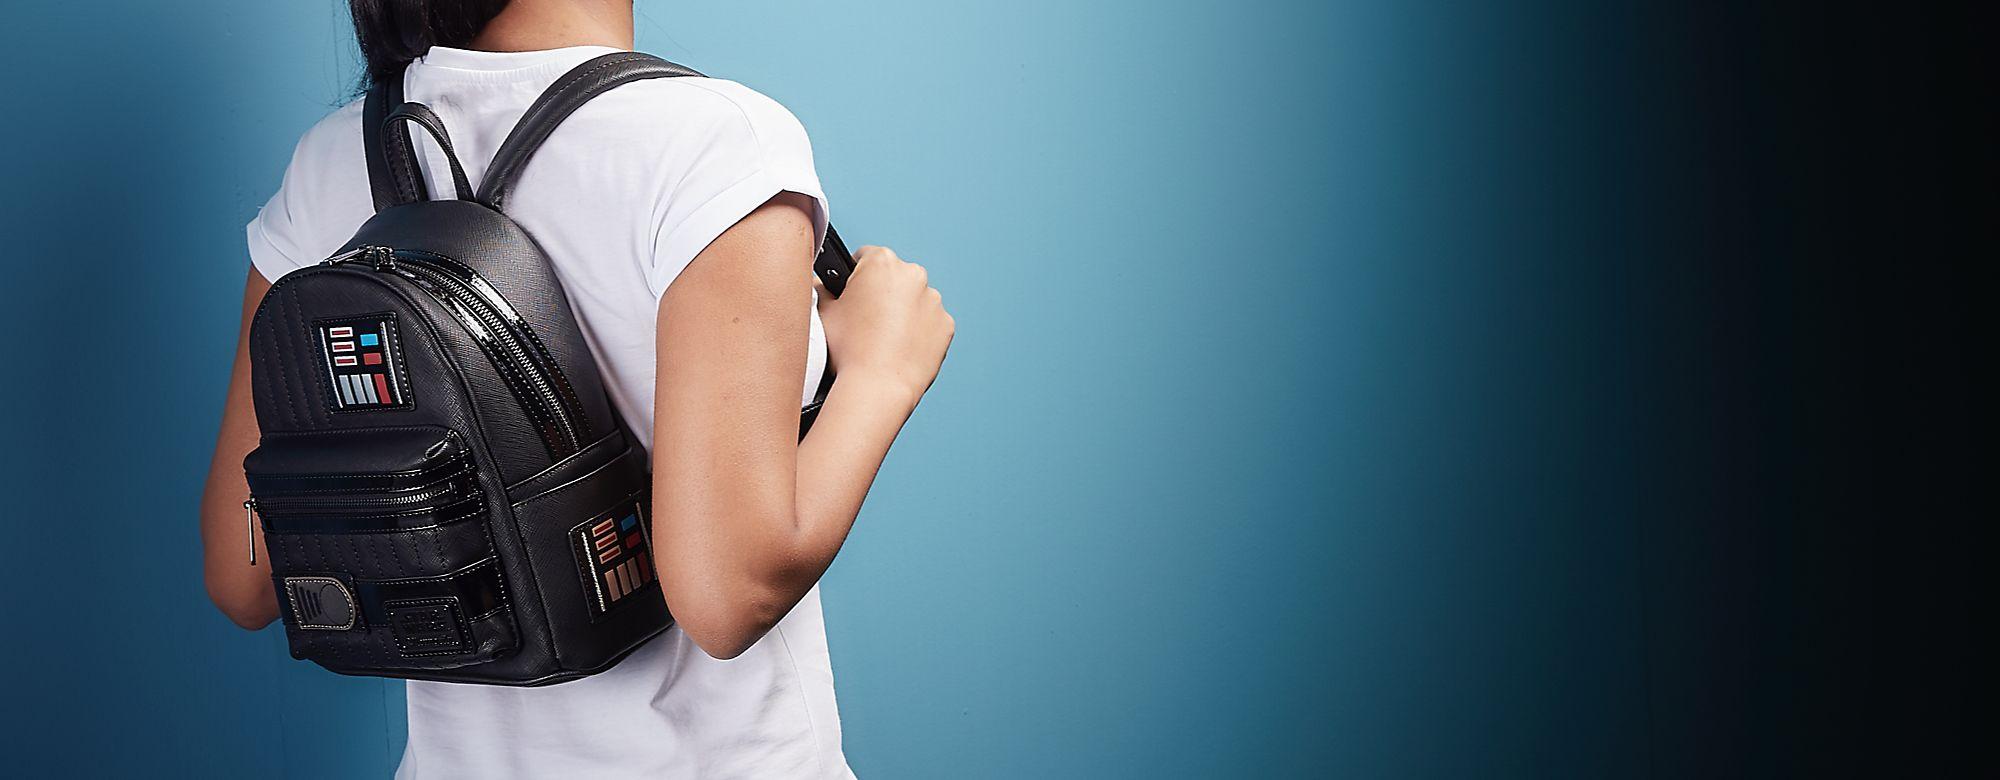 Loungefly Lounge Fly a développé une gamme de bagagerie Disney : sacs, pochettes et porte-monnaie aux motifs de Dumbo, Mickey ou Nemo ! DÉCOUVRIR